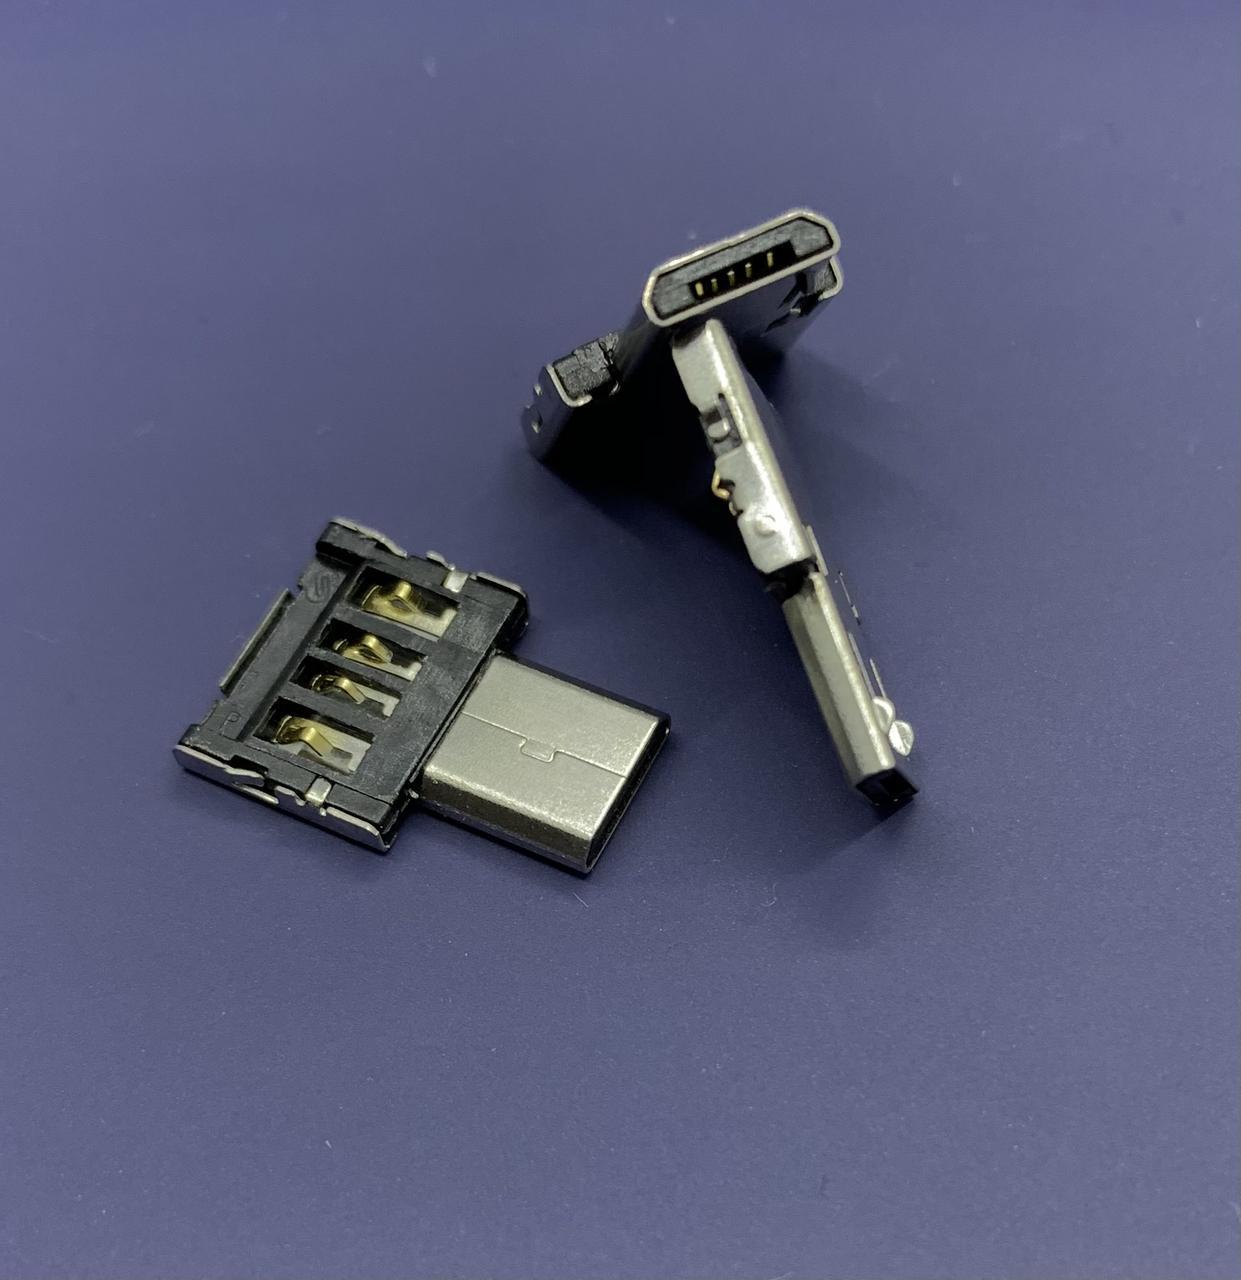 Переходник на флешку к телефону micro-UBS адаптер USB без корпуса